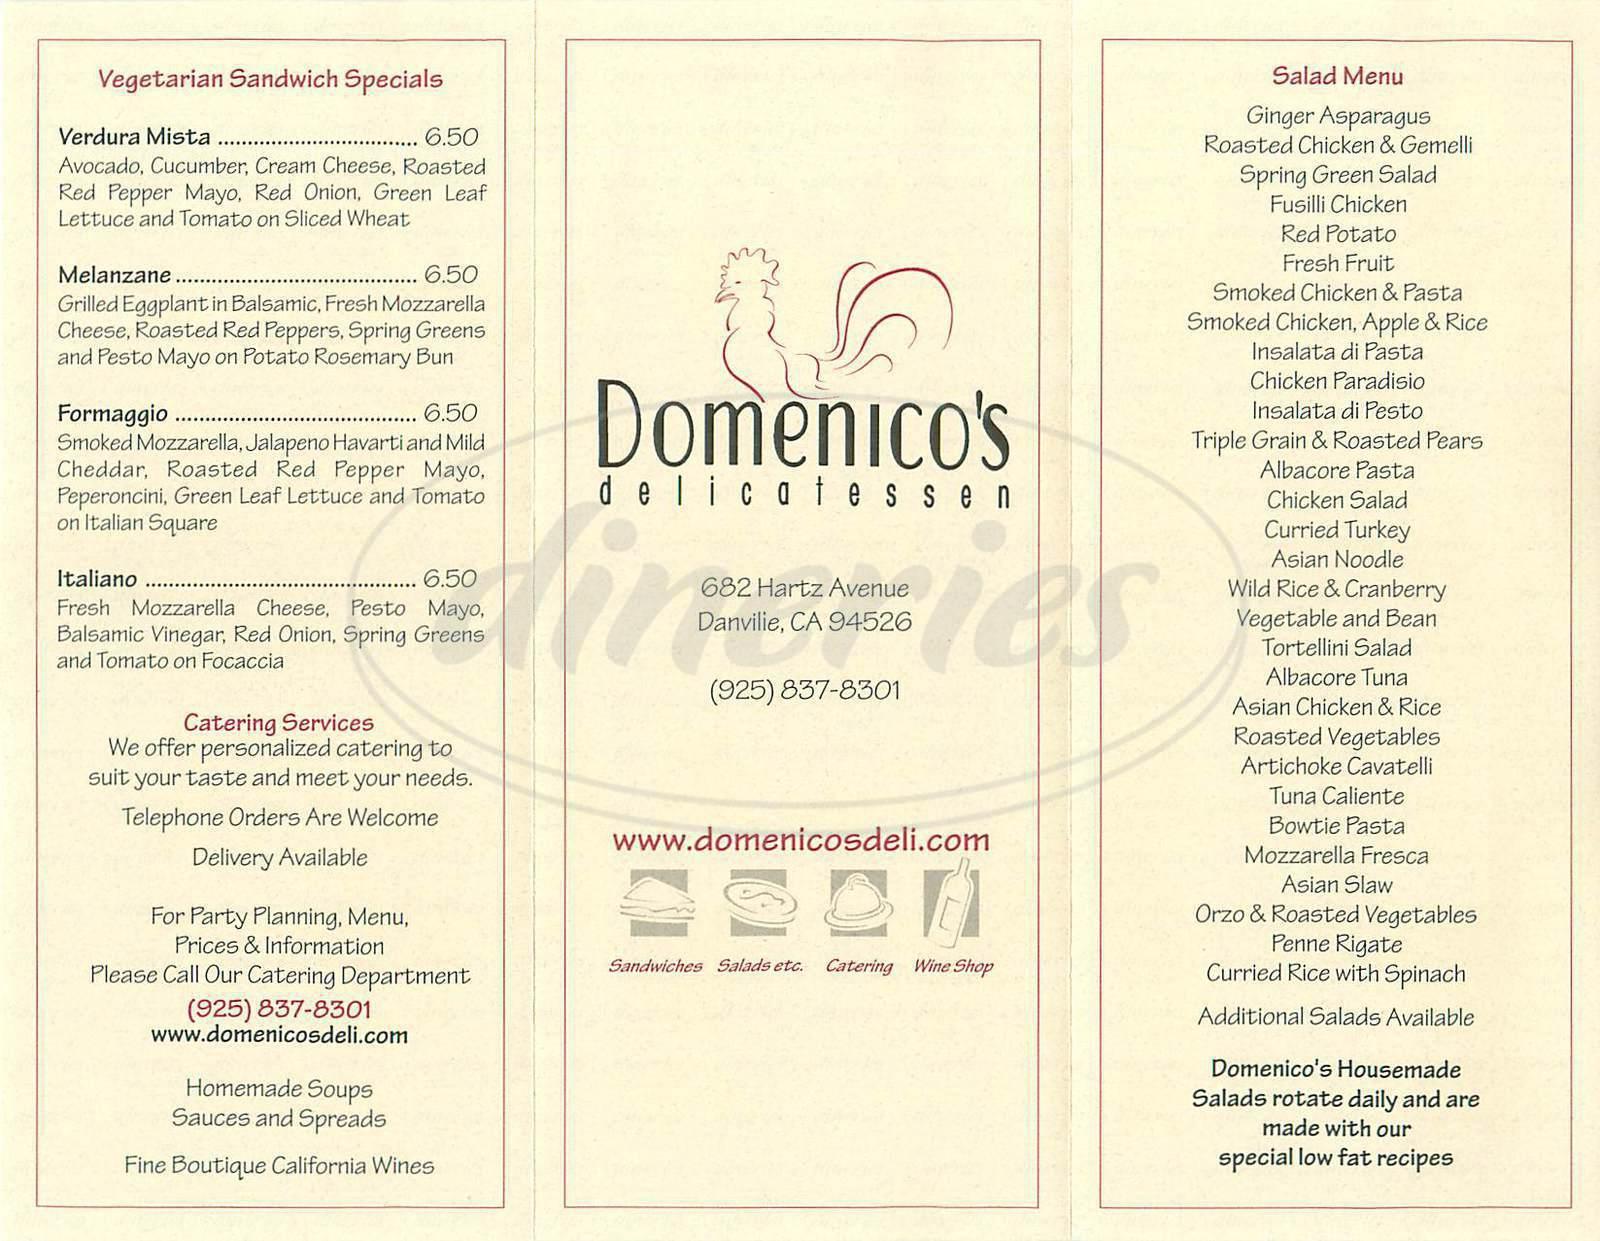 menu for Domenicos